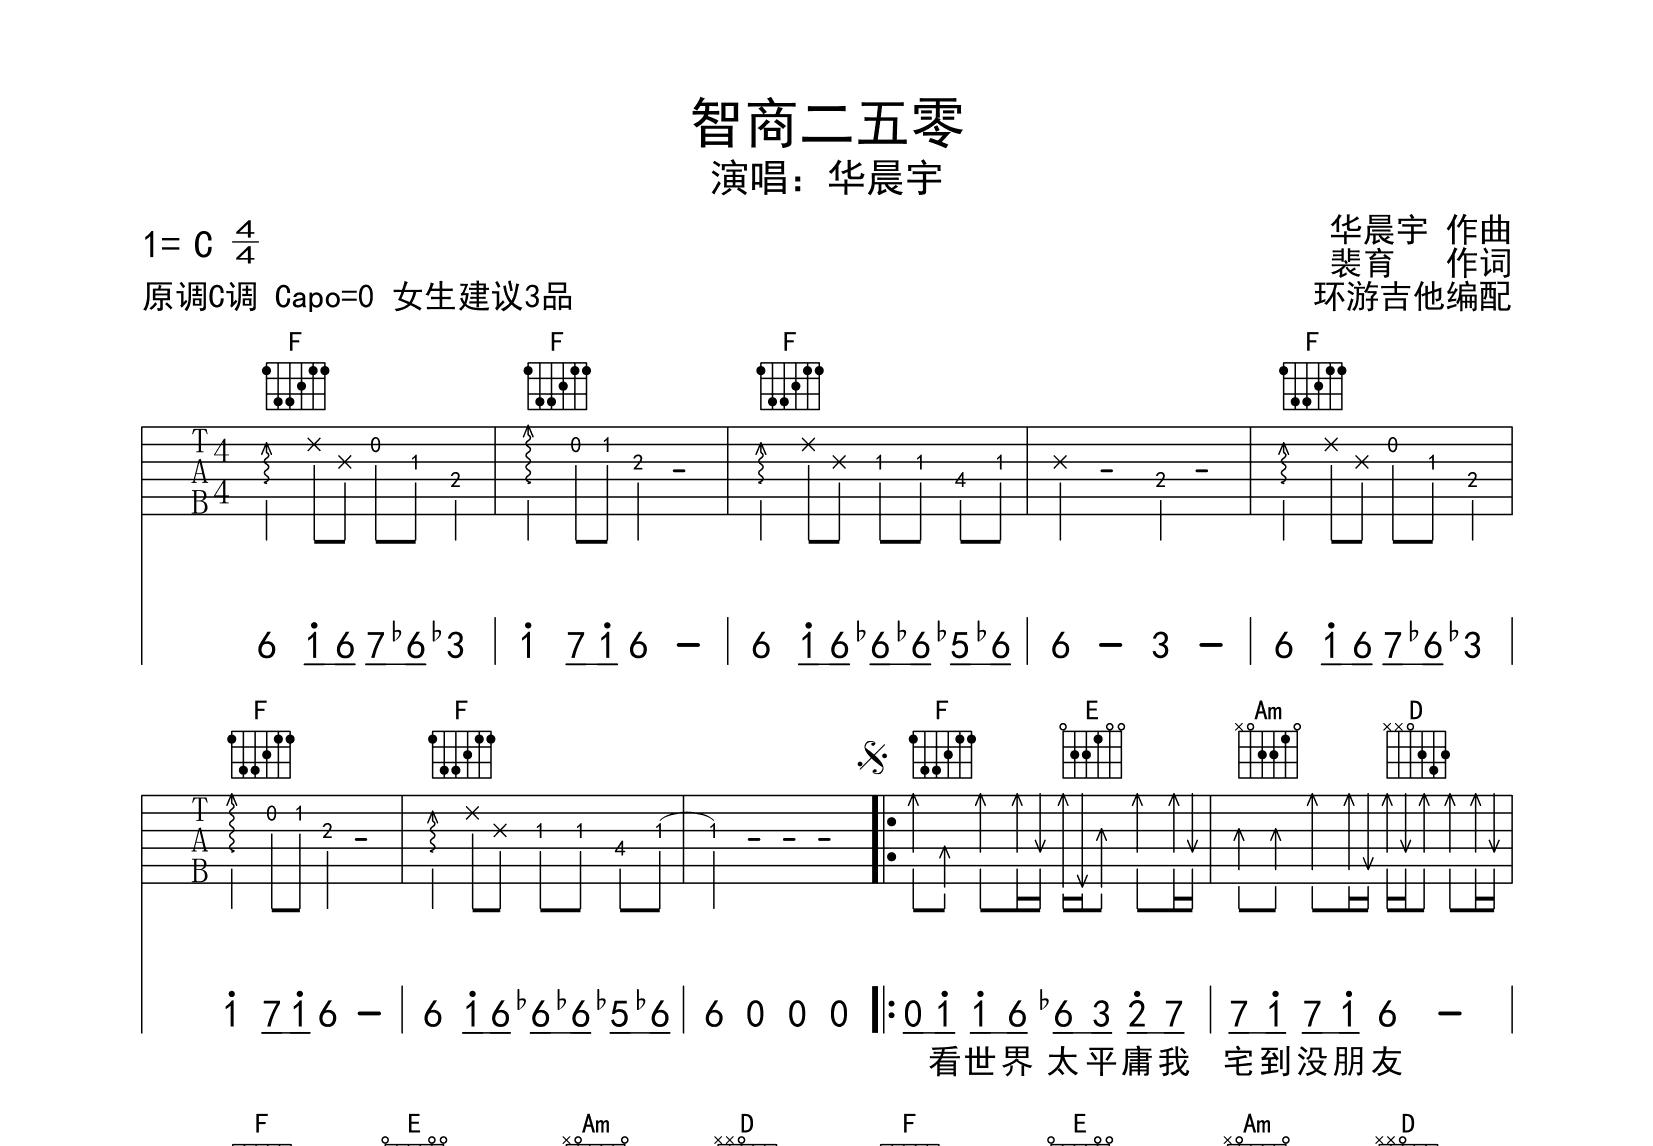 智商二五零吉他谱_华晨宇_C调弹唱